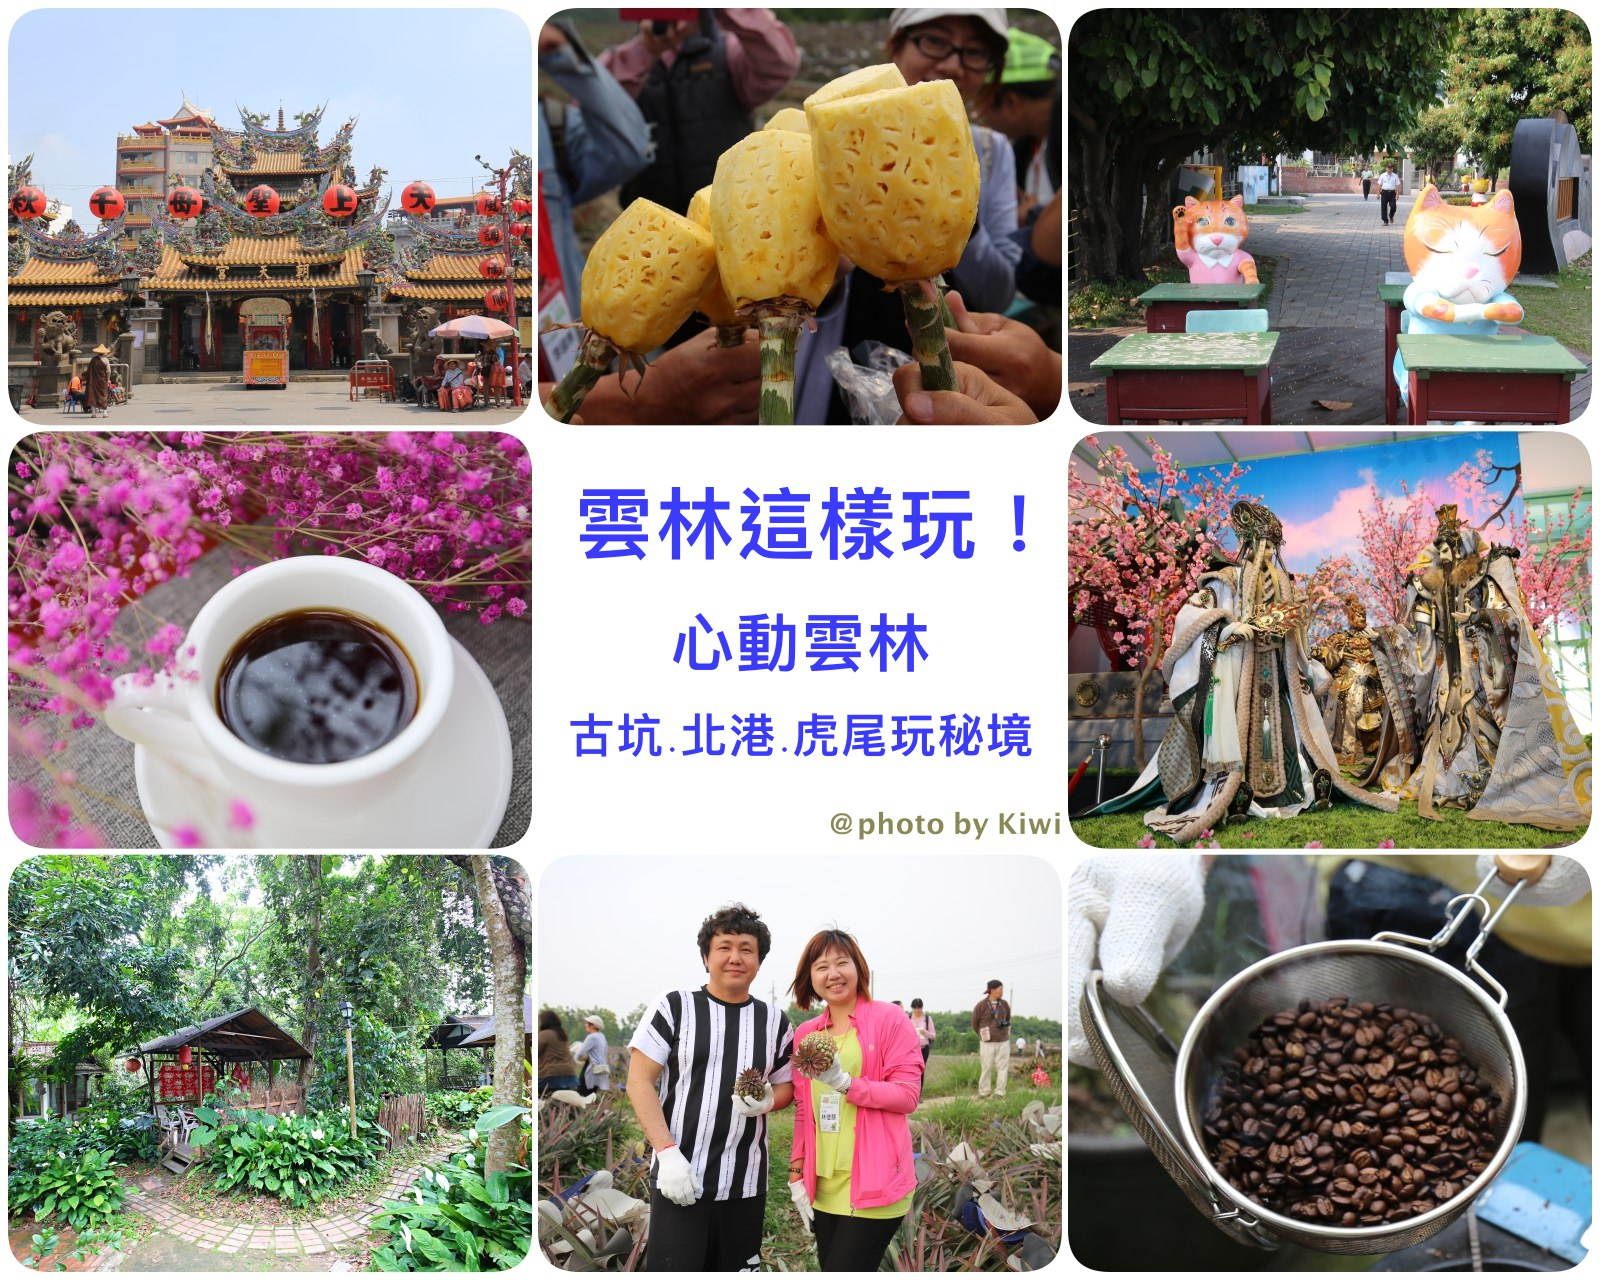 雲林這樣玩|心動雲林古坑北港在地小旅行兩日遊 走訪咖啡原鄉/咖啡布染/大口嗑整顆鳳梨,農村文化體驗一次玩足